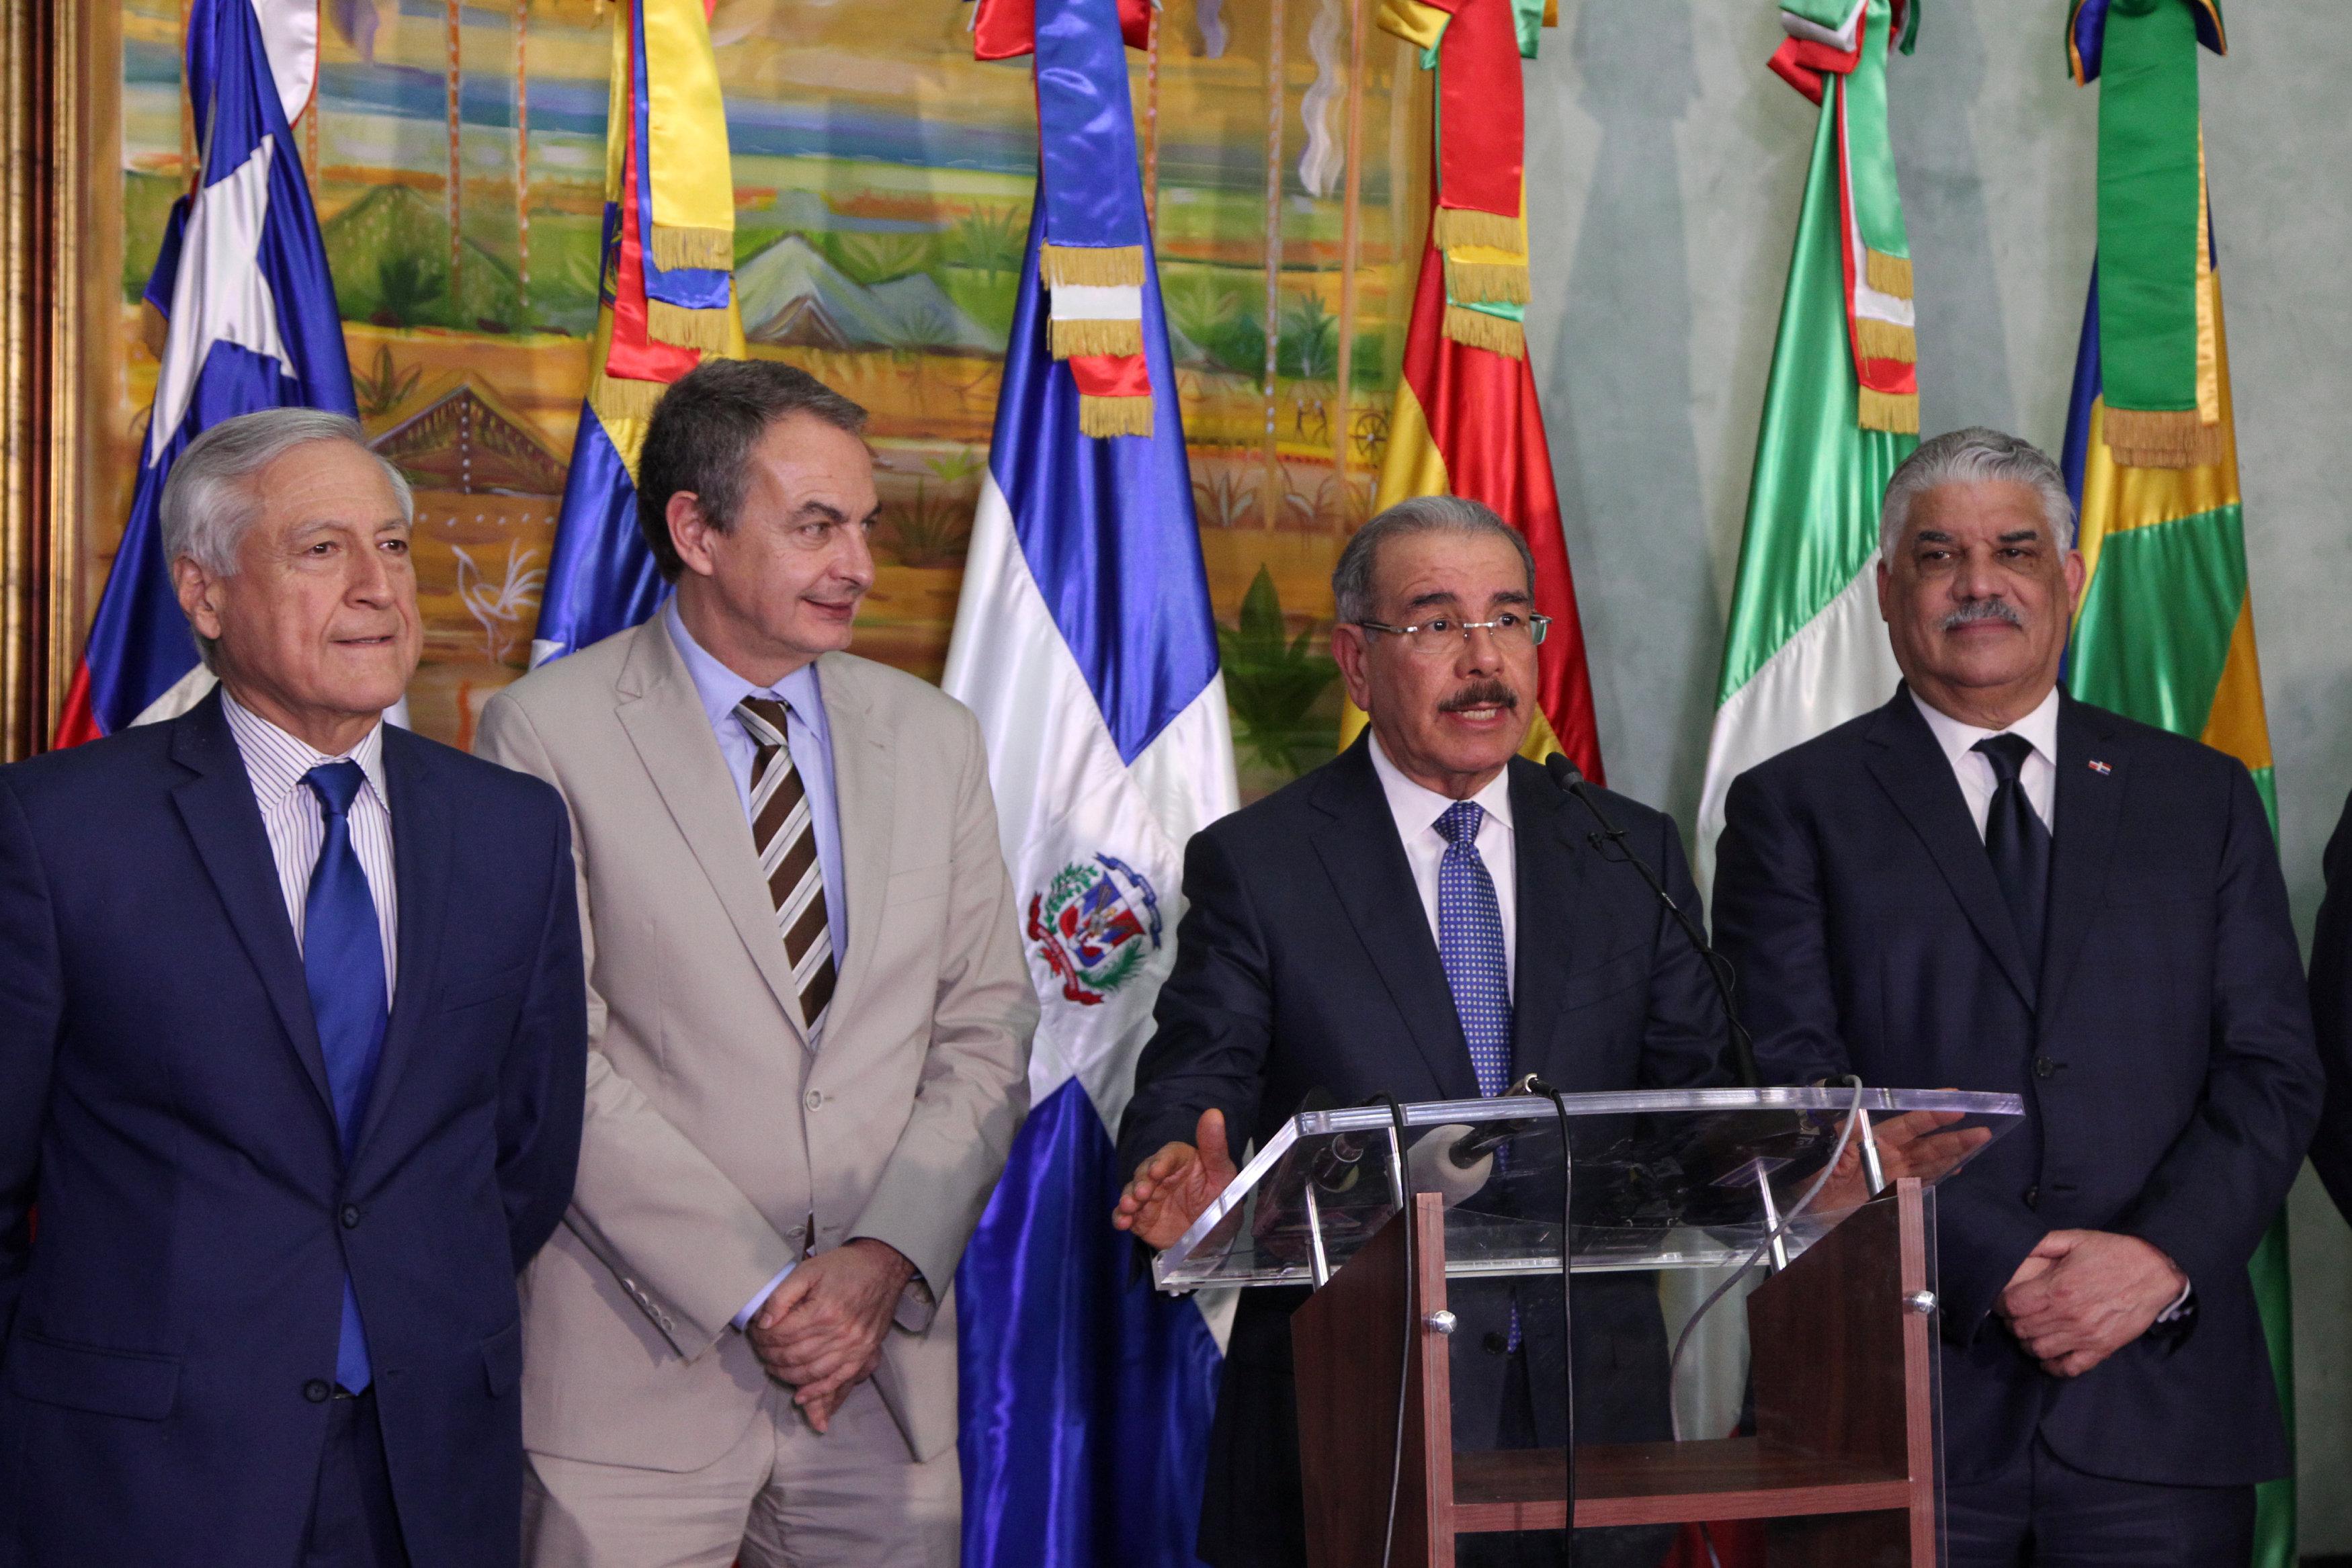 El canciller de Chile, Heraldo Muñoz;el ex mandatario español,José Luis Rodríguez Zapatero;el presidente de República Dominicana, Danilo Medina y su cancillerMiguel Vargas, luego de la culminación del primer día de diálogo. (REUTERS/Ricardo Rojas)